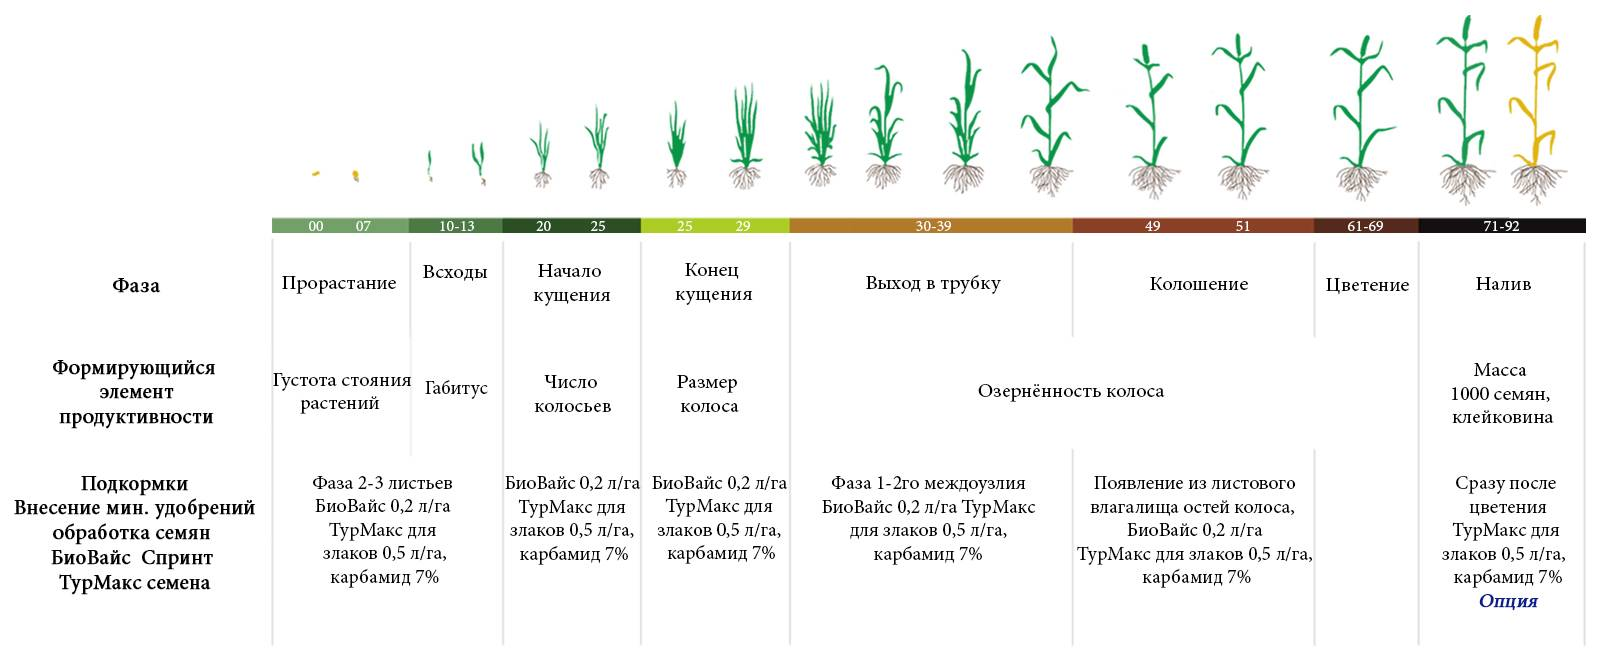 Как вырастить колоновидный персик: посадка колоновидного персика осенью или весной для новичков, уход, как обрезать